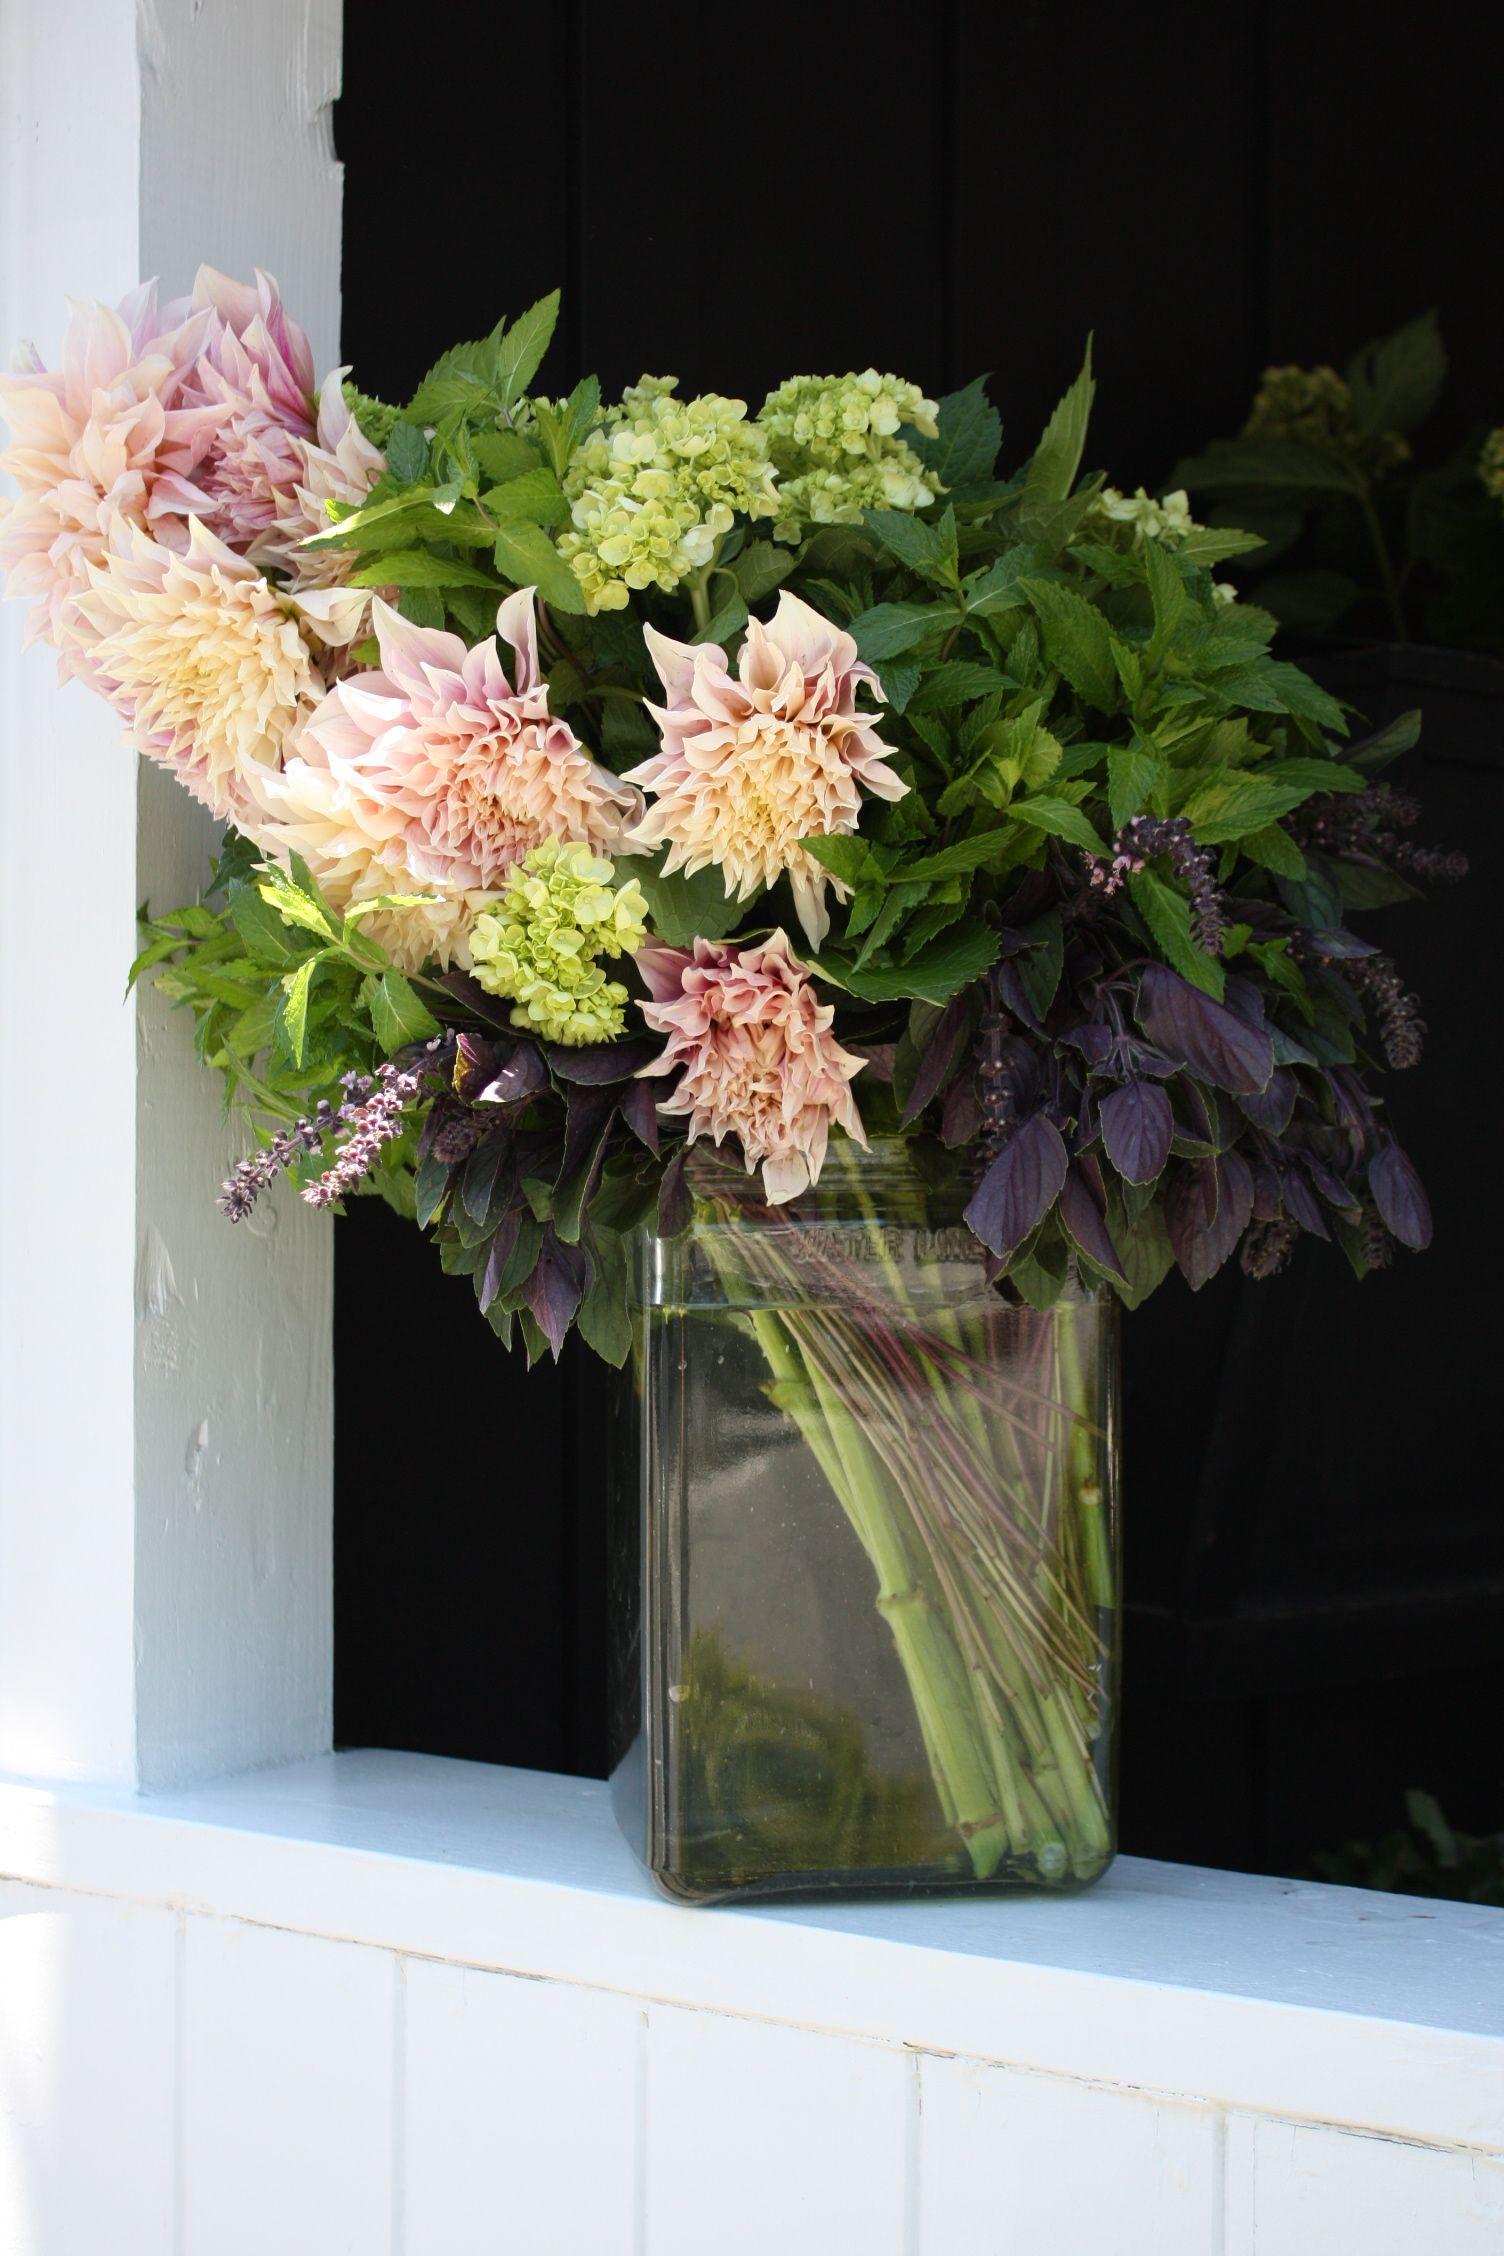 Herbal arrangement of purple basil, mint and cafe au lait